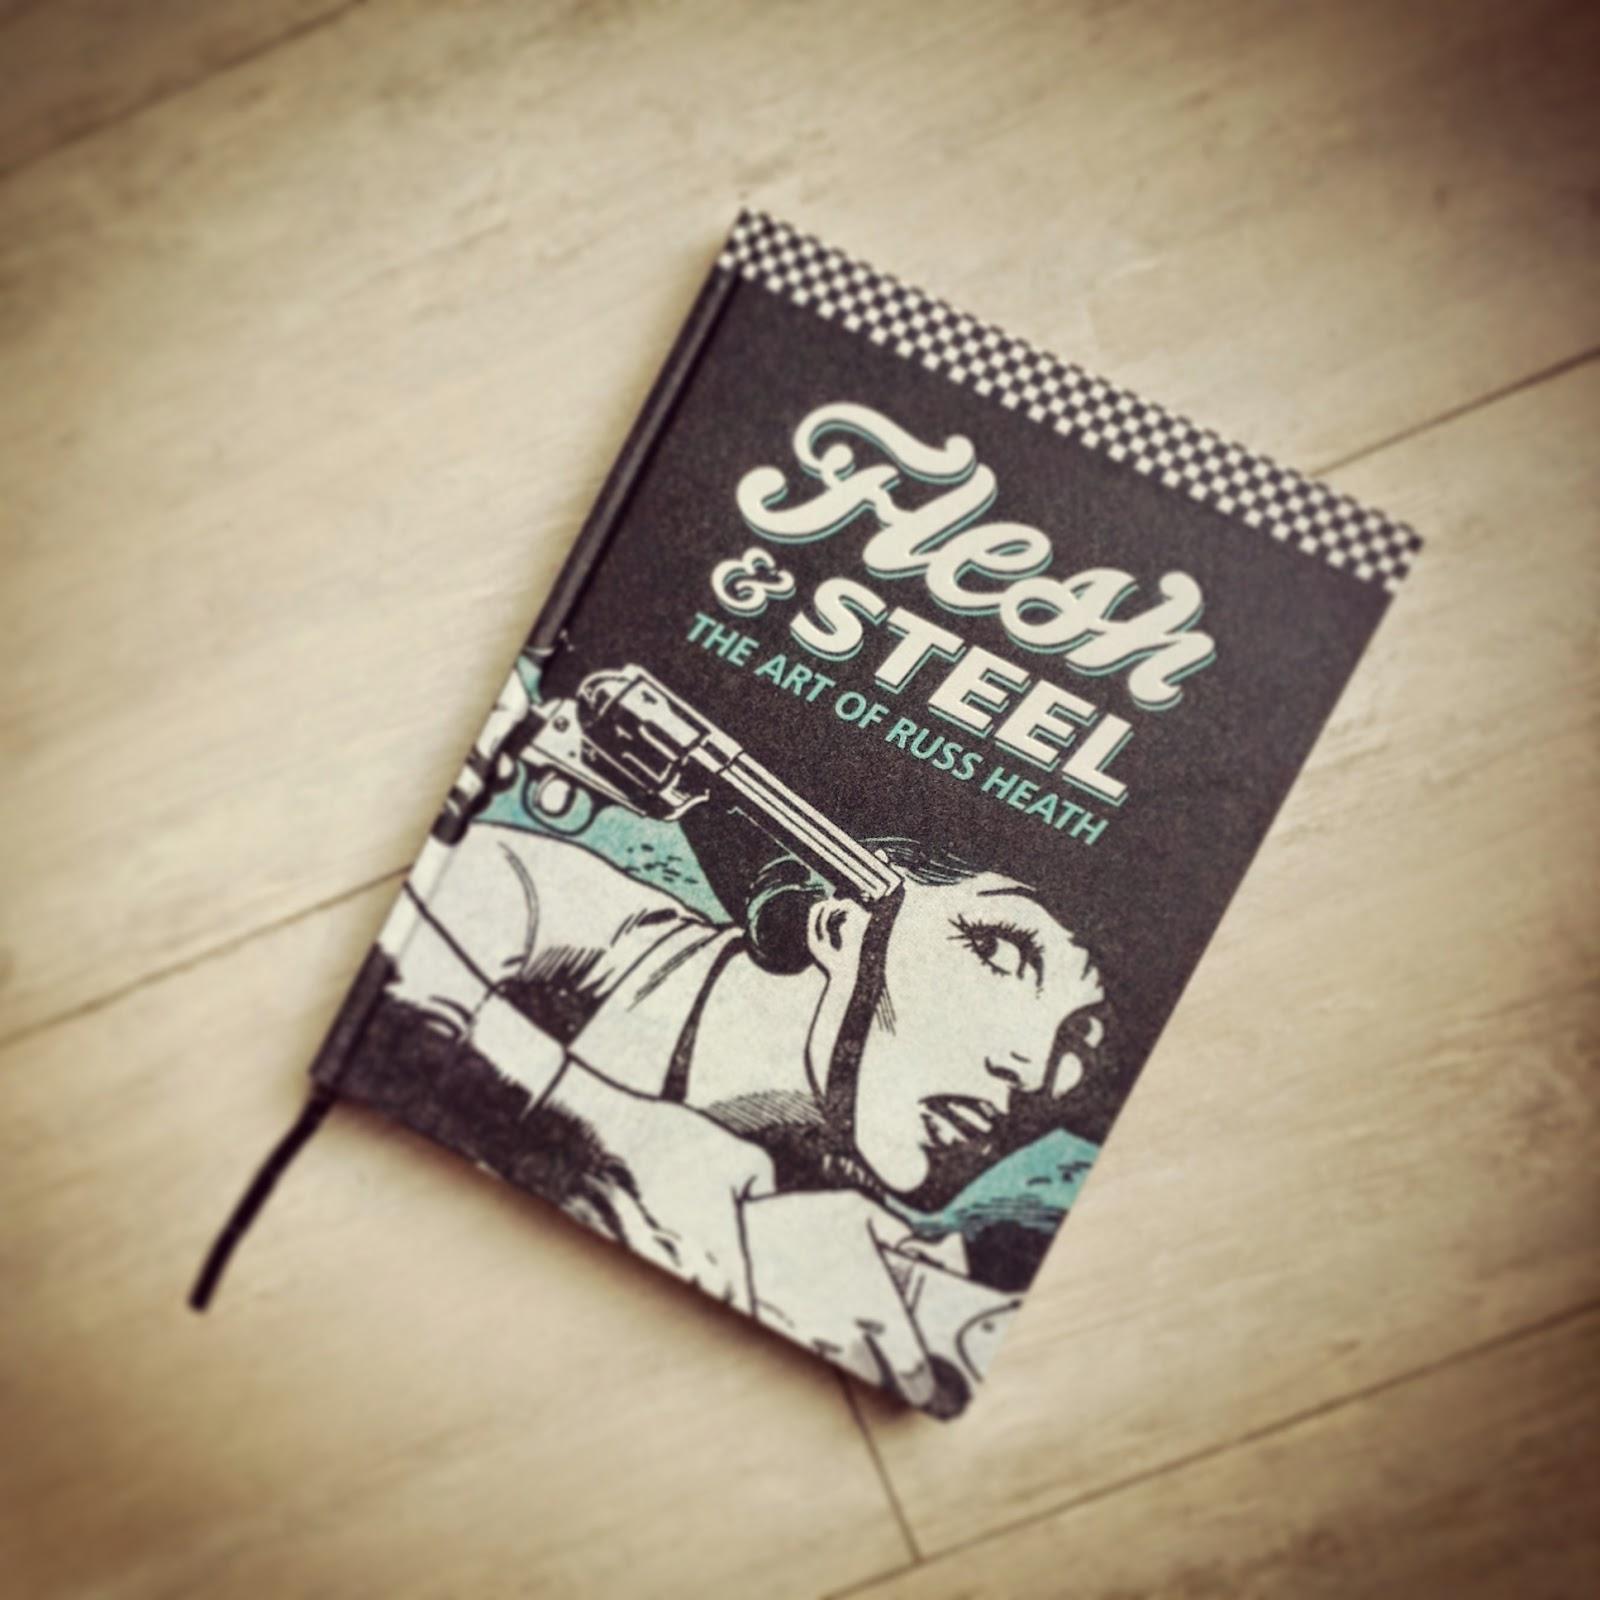 """la edición americana de """"Flesh&Steel, el arte de Russ Heath"""" editado por IDW"""